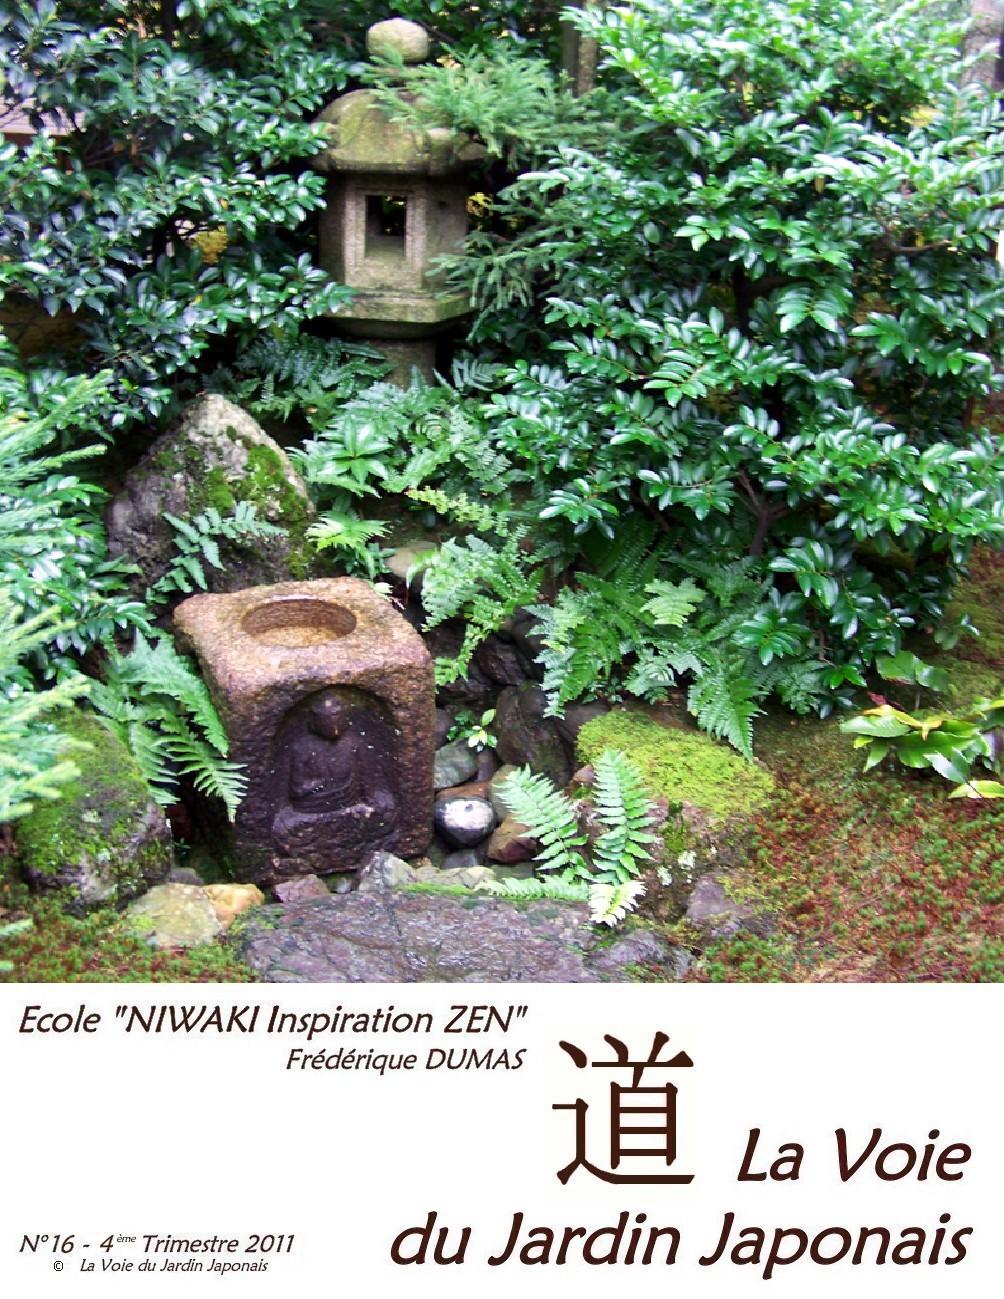 La Voie du jardin japonais - Octobre 2011 - Le BLOG de FREDERIQUE DUMAS